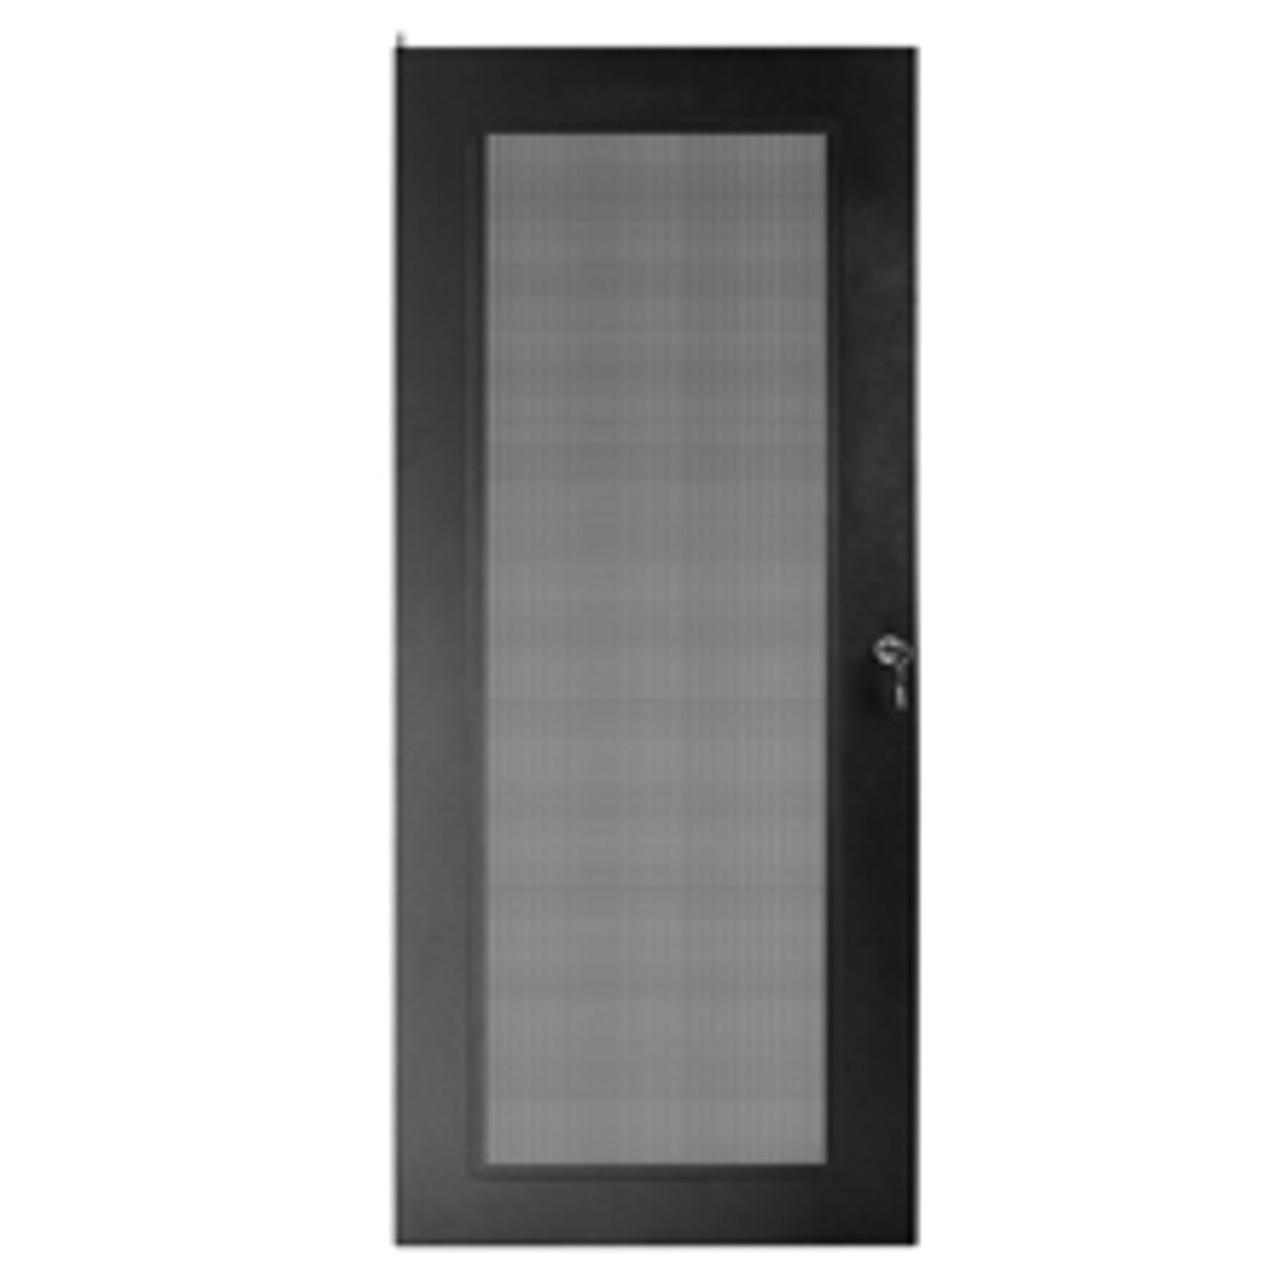 ROY21UDOOR - Royal Racks™ 21u Door for ROY2214